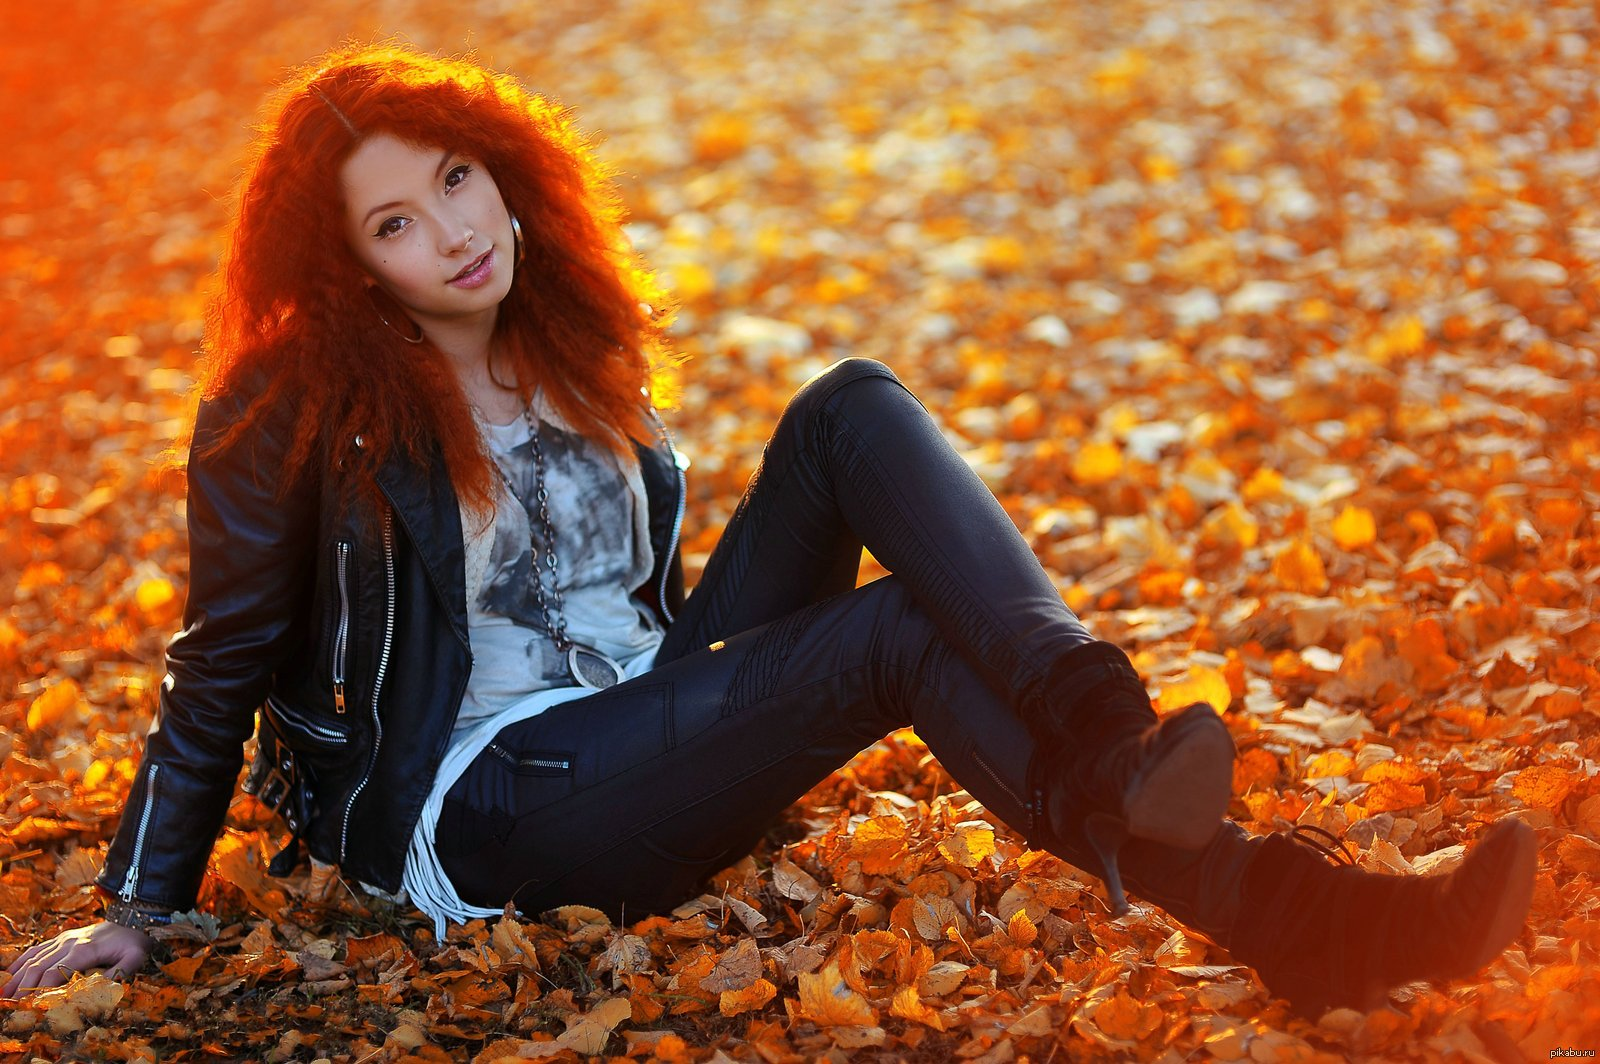 Рыжая девушка в сапогах 2 фотография